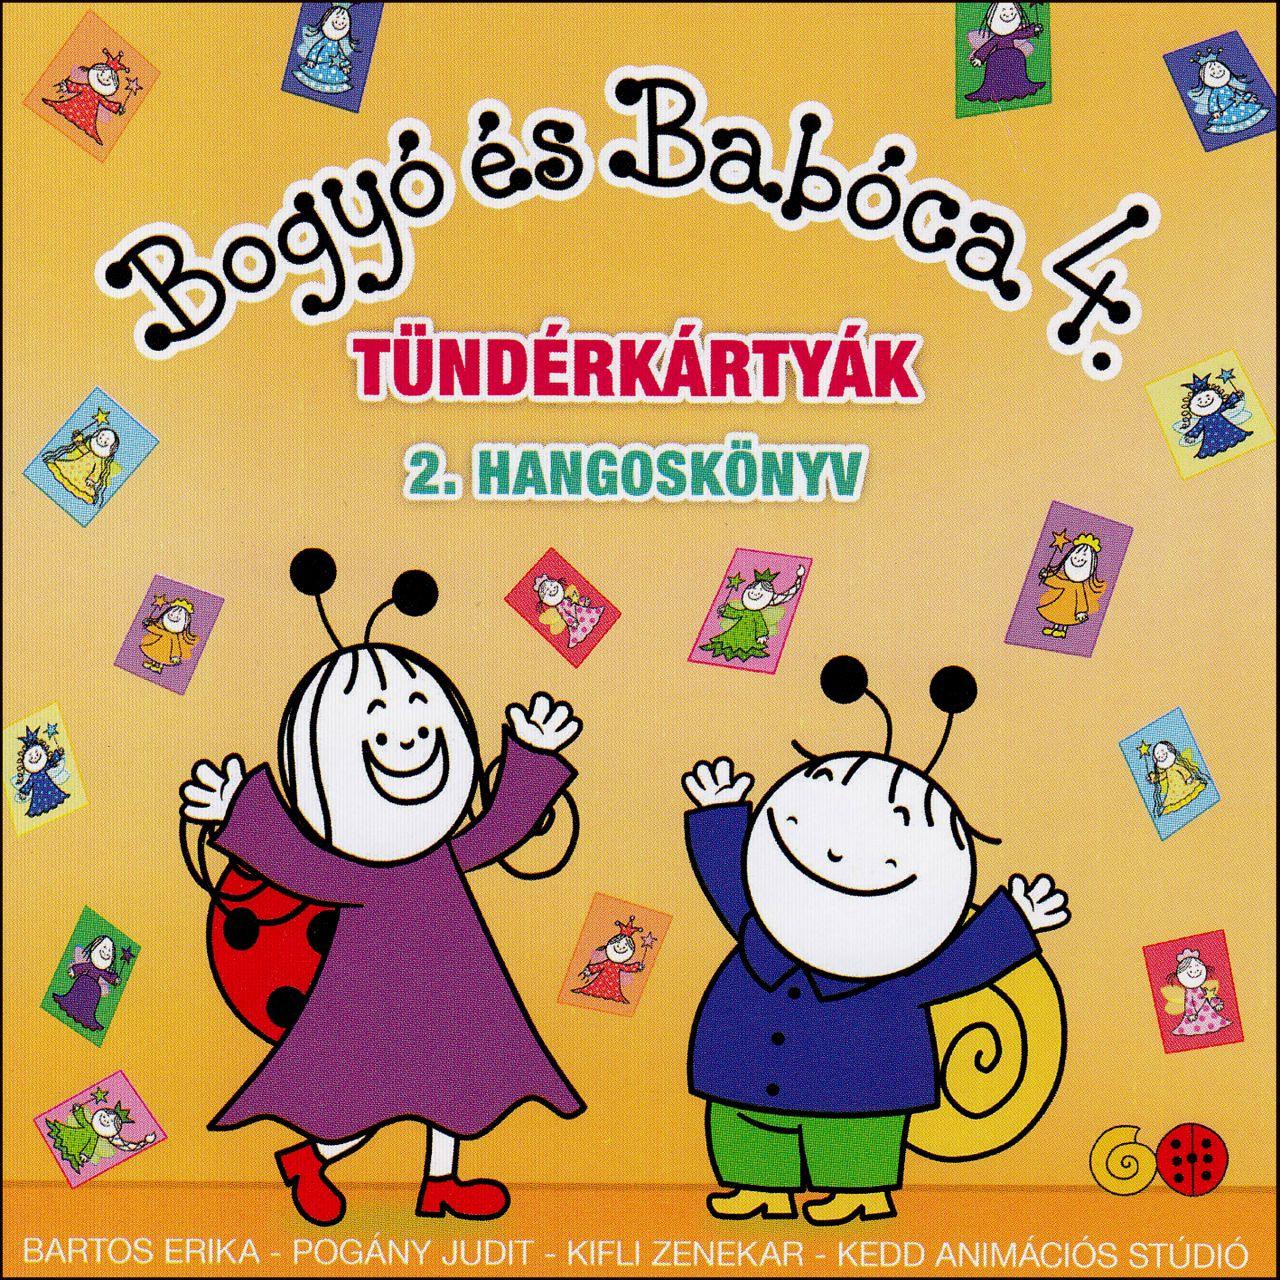 Bogyó és Babóca 4. Tündérkártyák: 2. Hangoskönyv (CD)